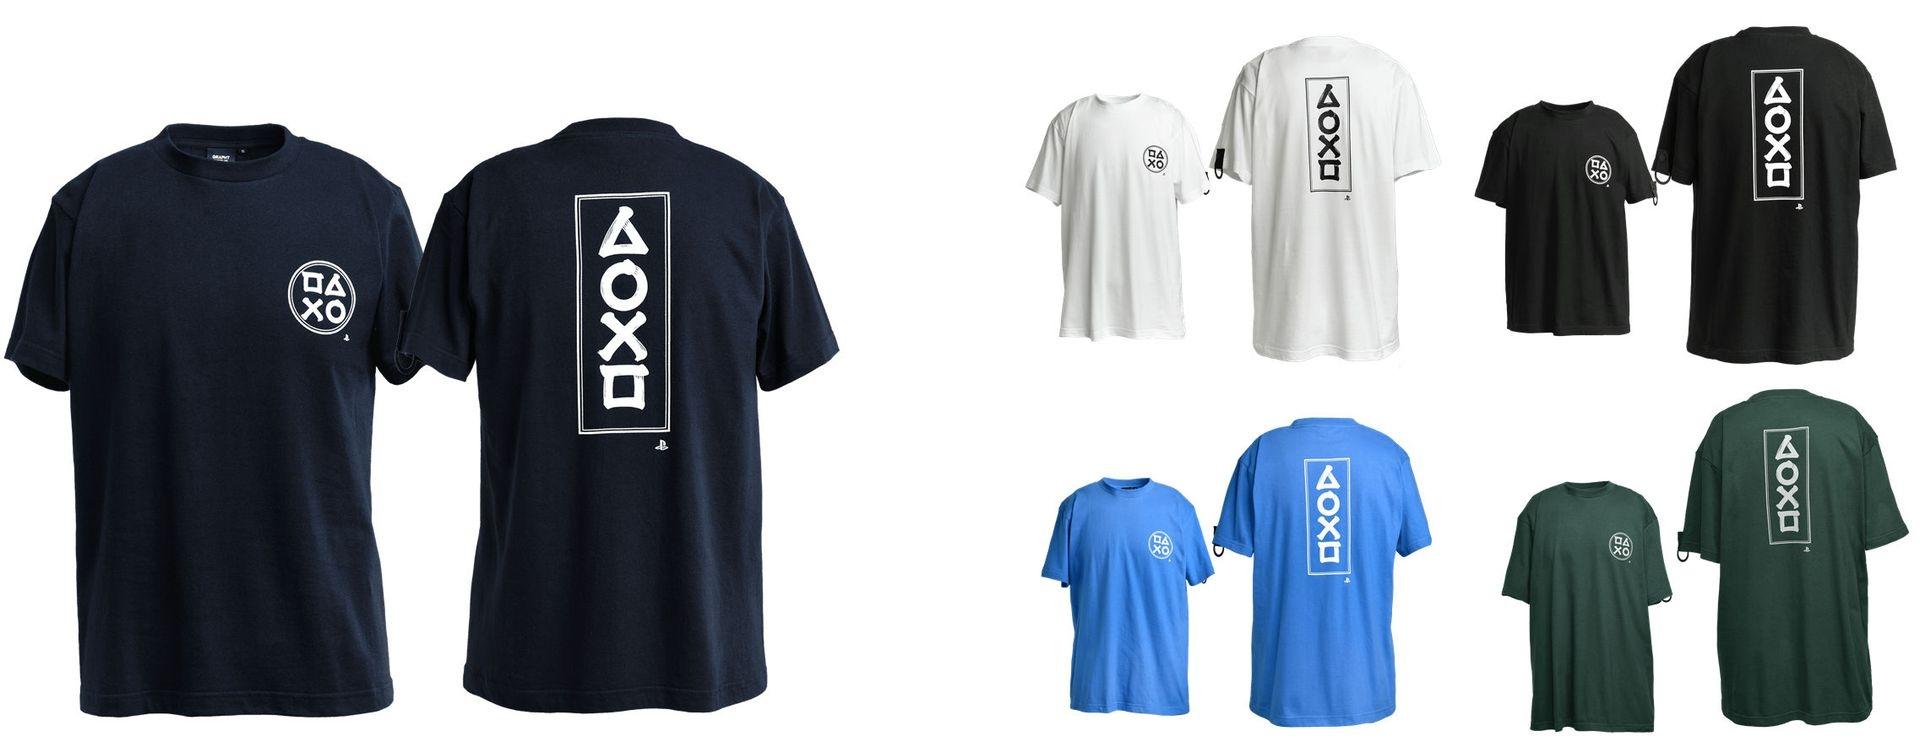 筆文字プリント TシャツB / PlayStation